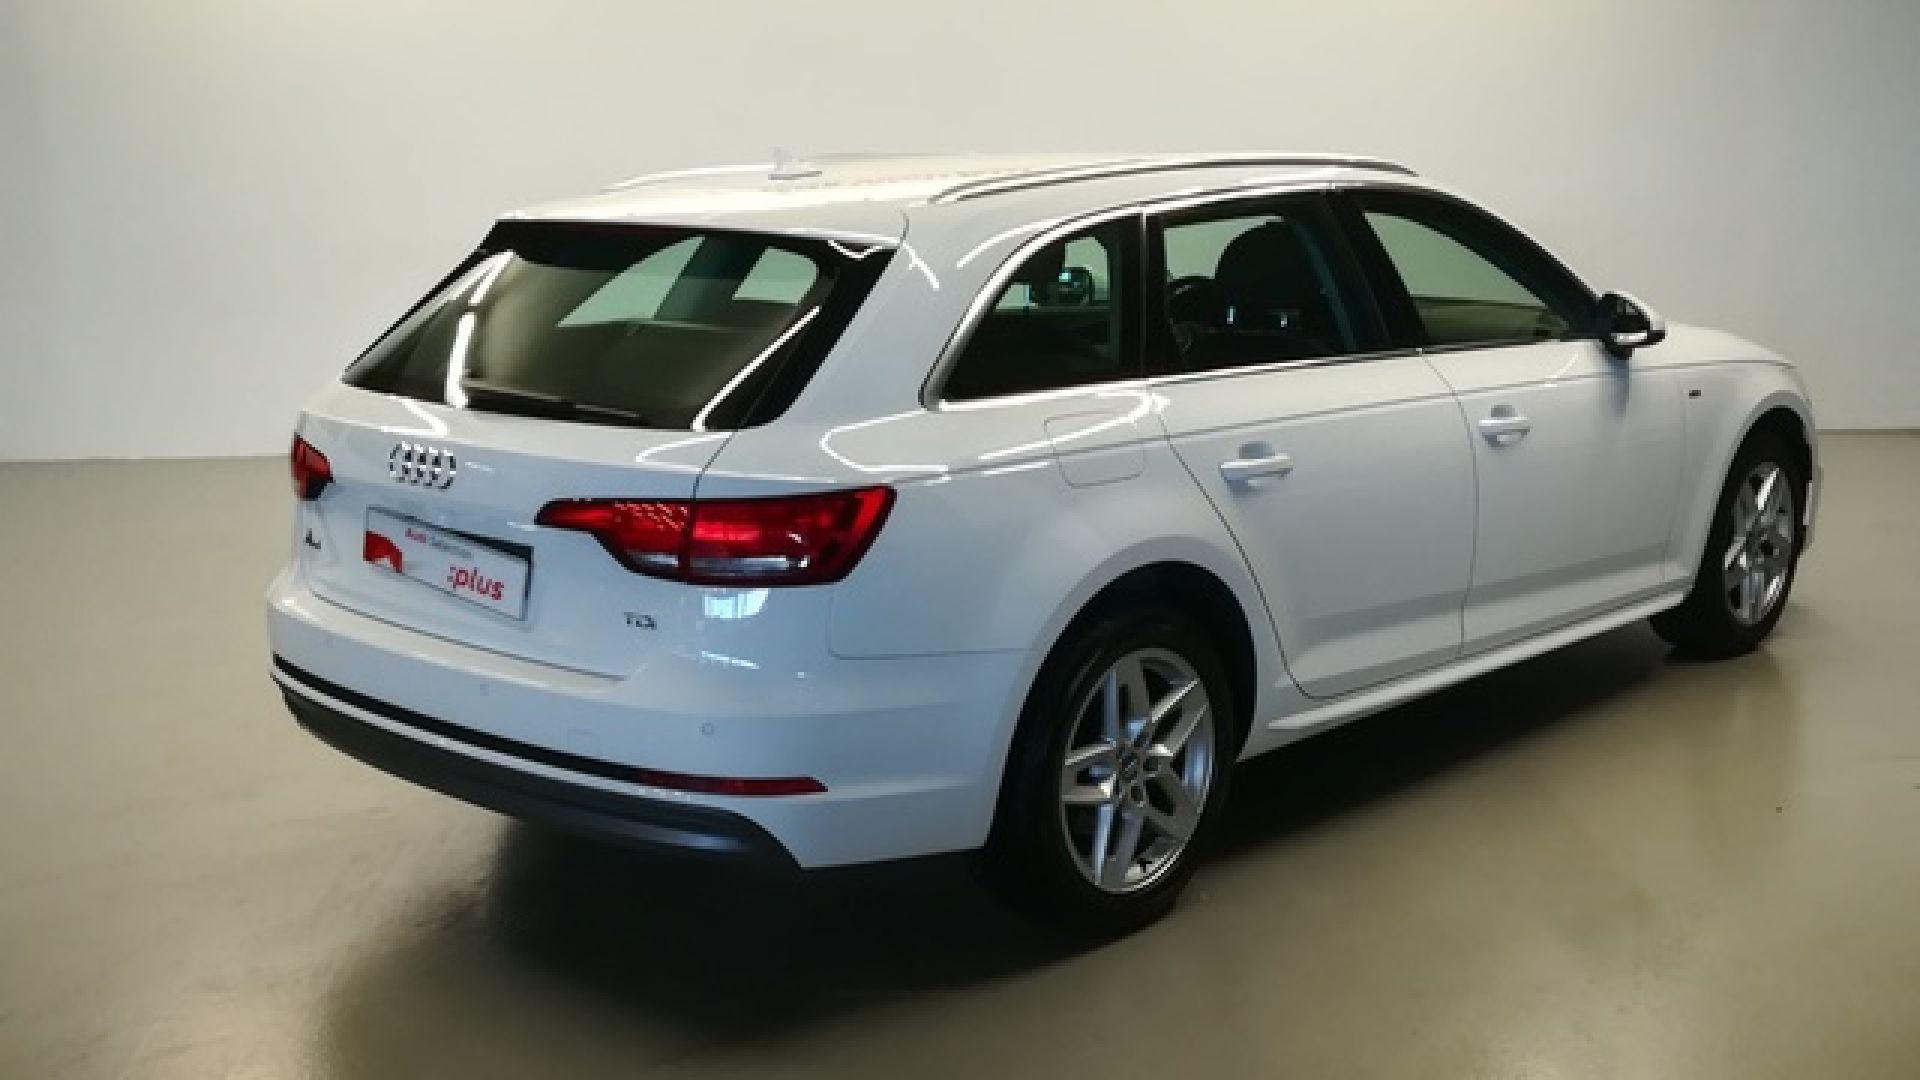 Audi A4 sport edition 2.0 TDI 110 kW (150 CV)